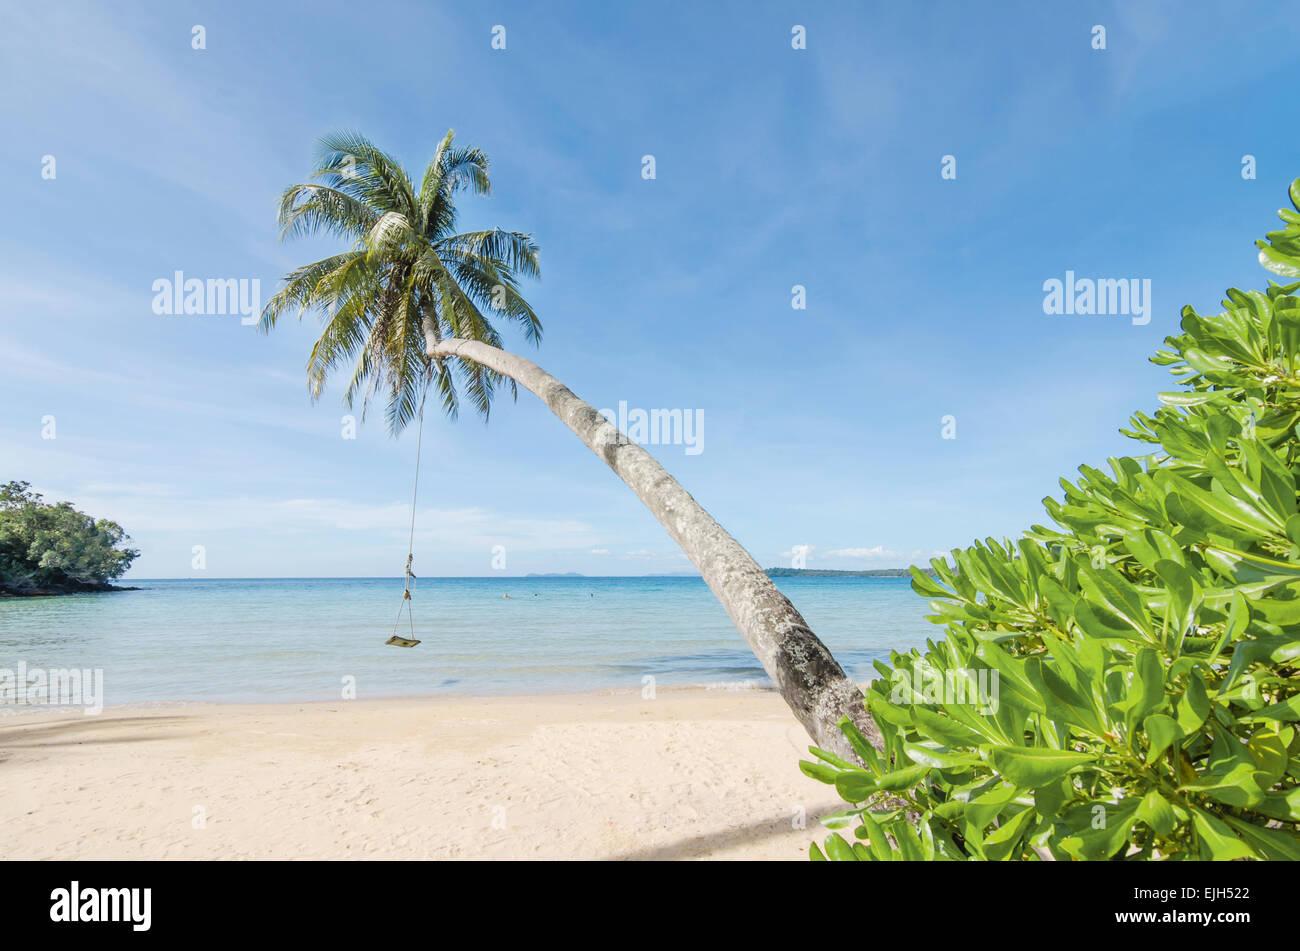 Sommer, Reisen, Urlaub und Ferien-Konzept - Schaukel hängen von Kokosnuss-Palme Strand Meer in Phuket, Thailand. Stockbild